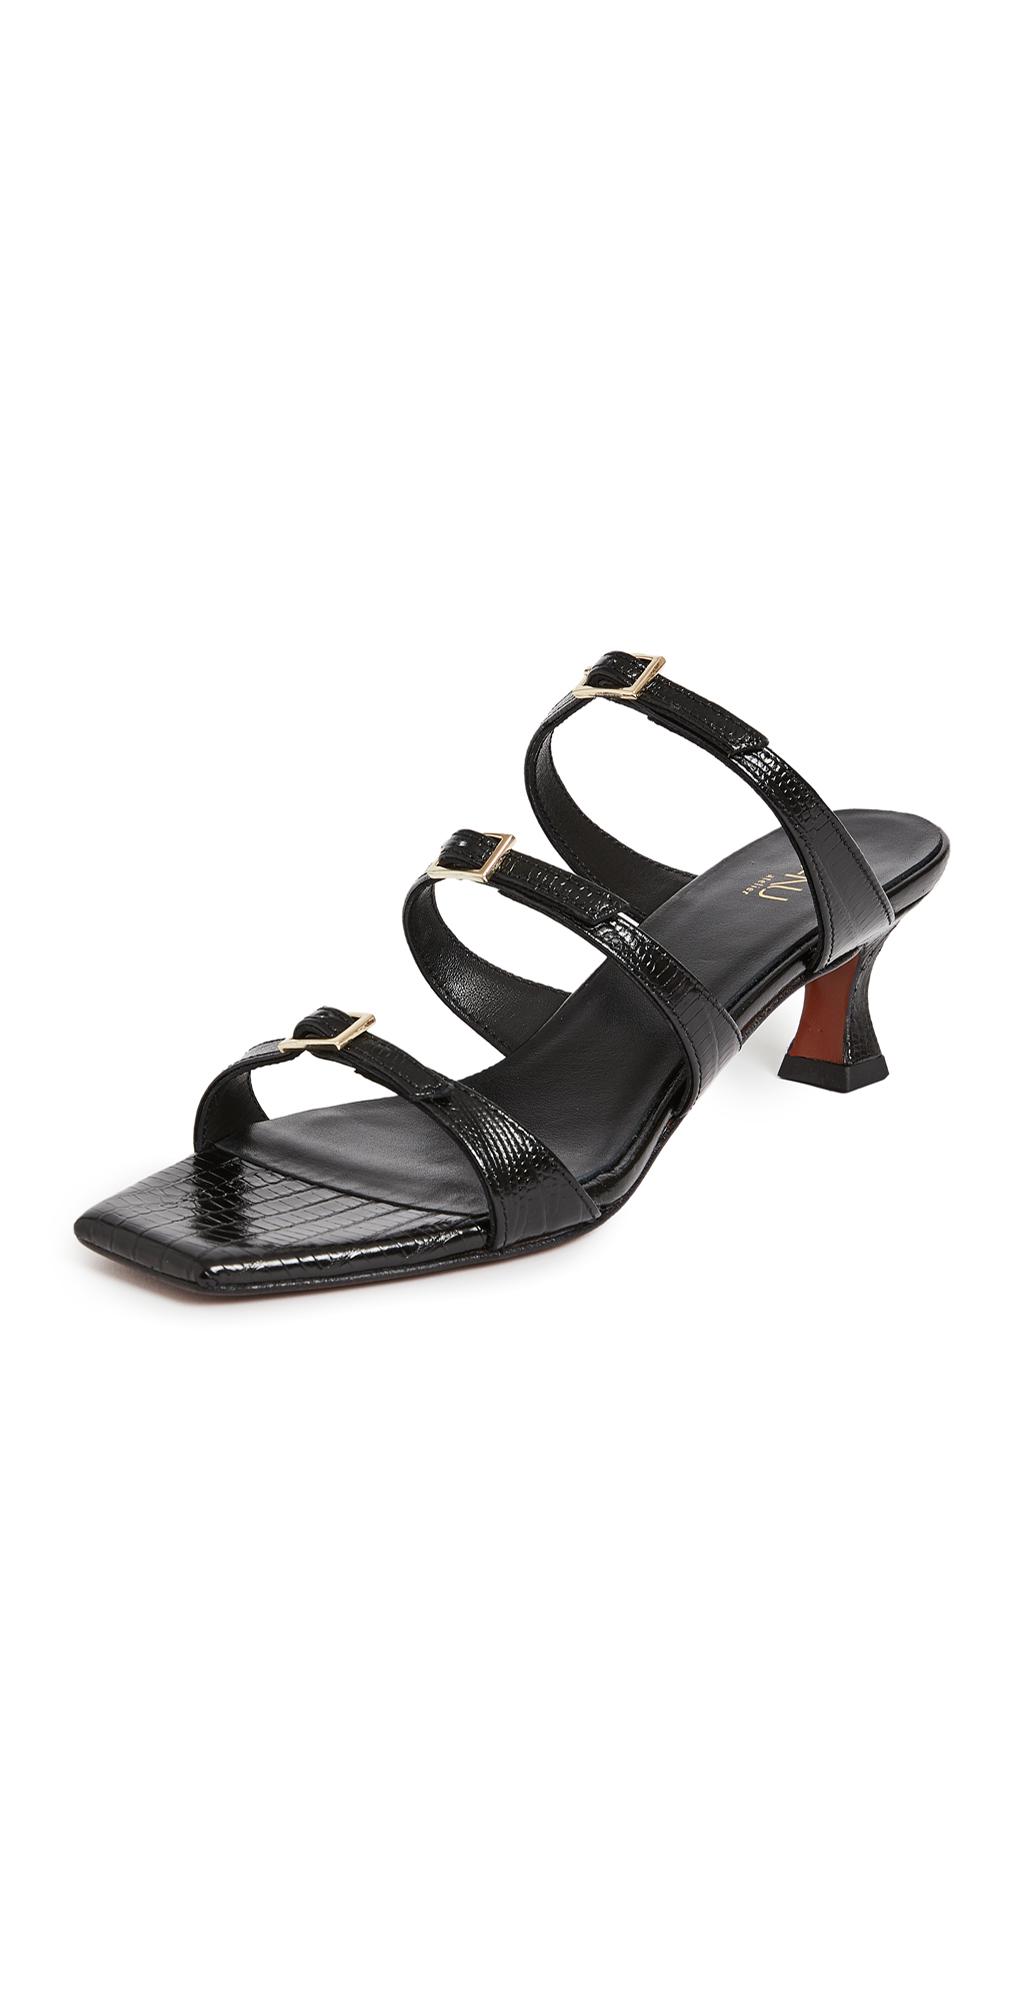 MANU Atelier Naomi Slipper Sandals